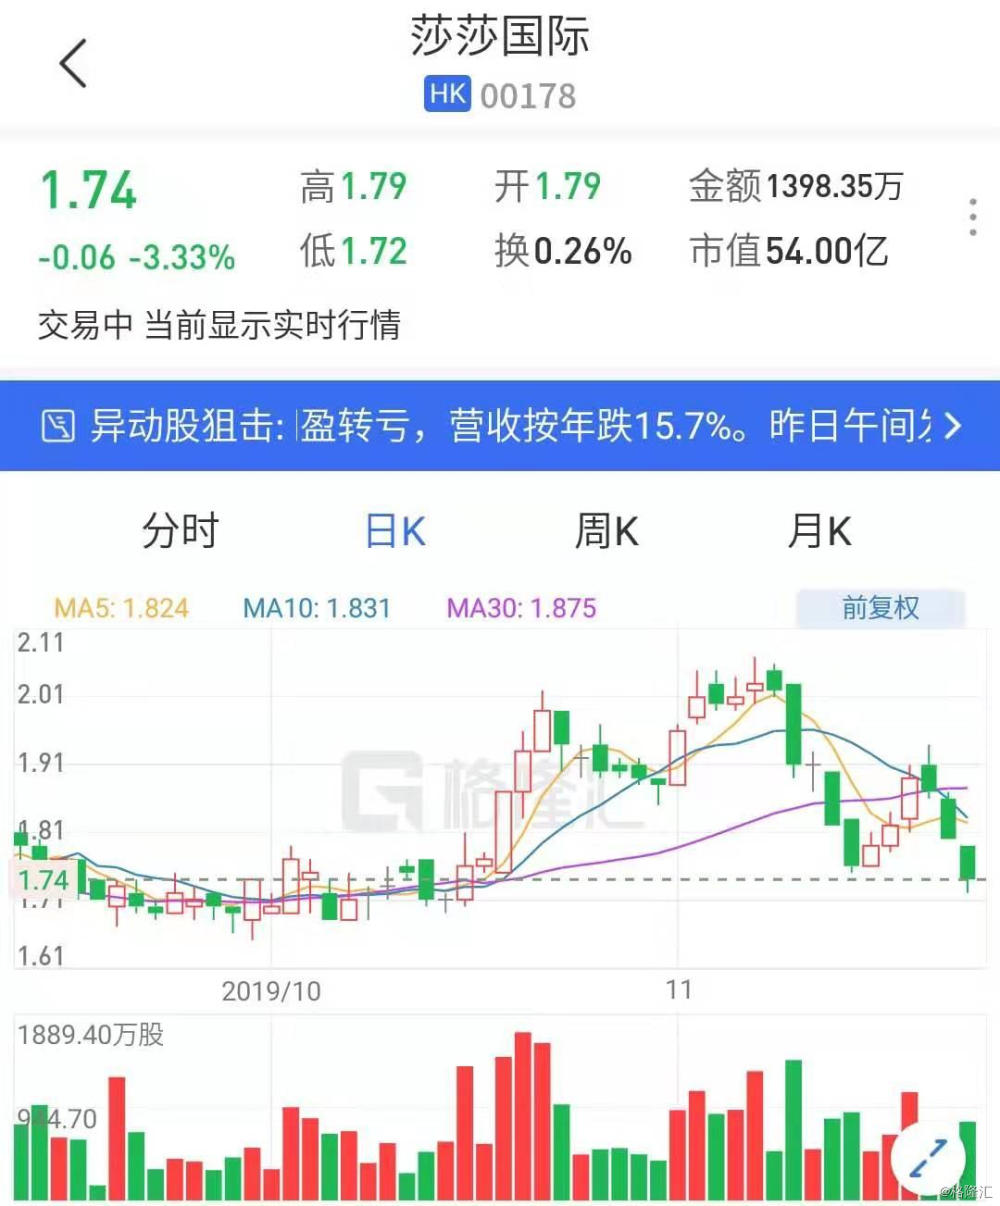 莎莎国际(0178.HK)连续第3日下跌 中期业绩不佳遭机构下调目标价